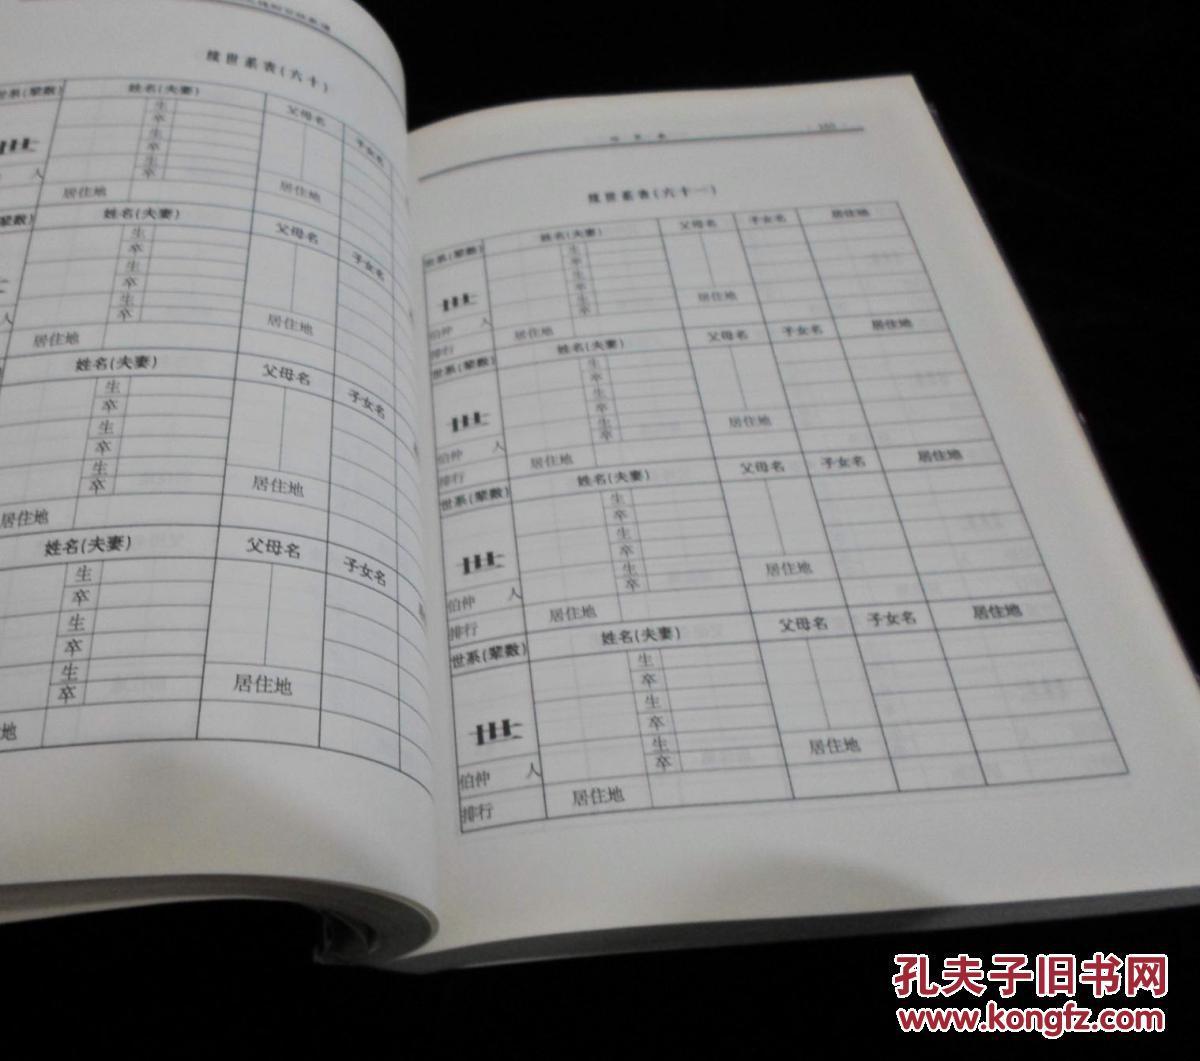 尹氏家谱(洪洞大槐树百姓家谱)图片